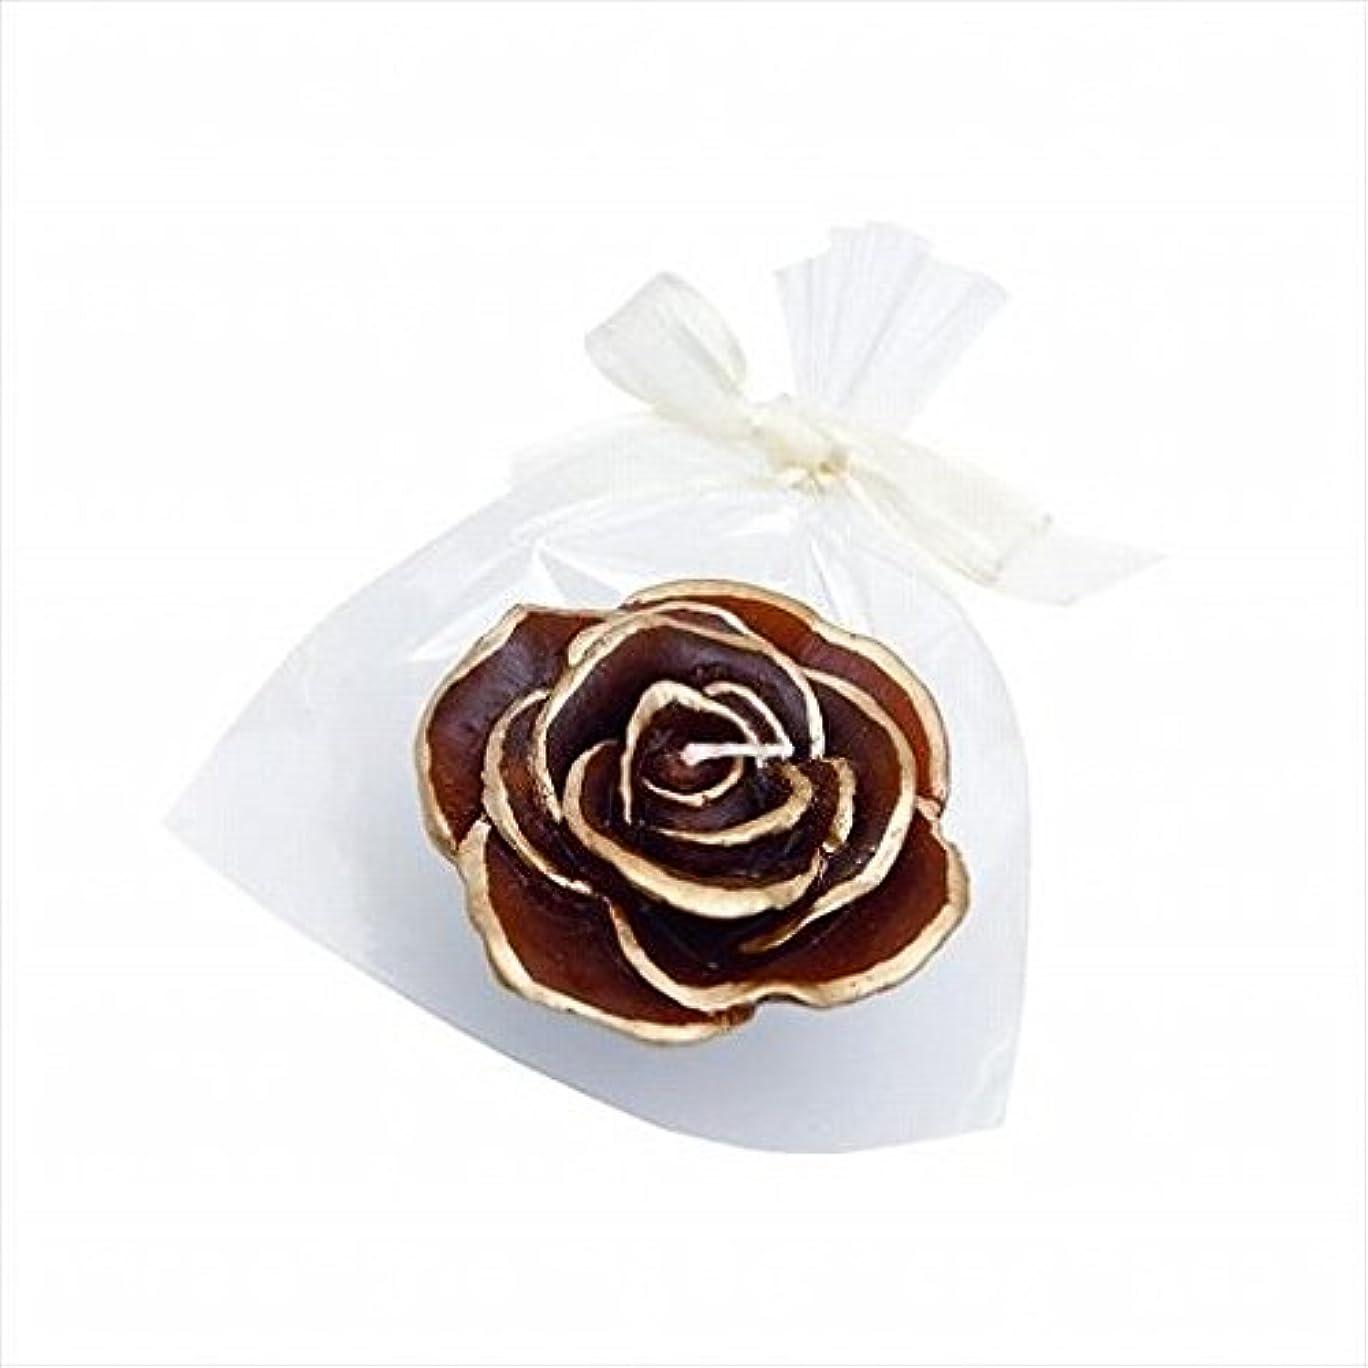 内向き制限する抽選kameyama candle(カメヤマキャンドル) プリンセスローズ 「 チョコレート 」(A6390500CH)